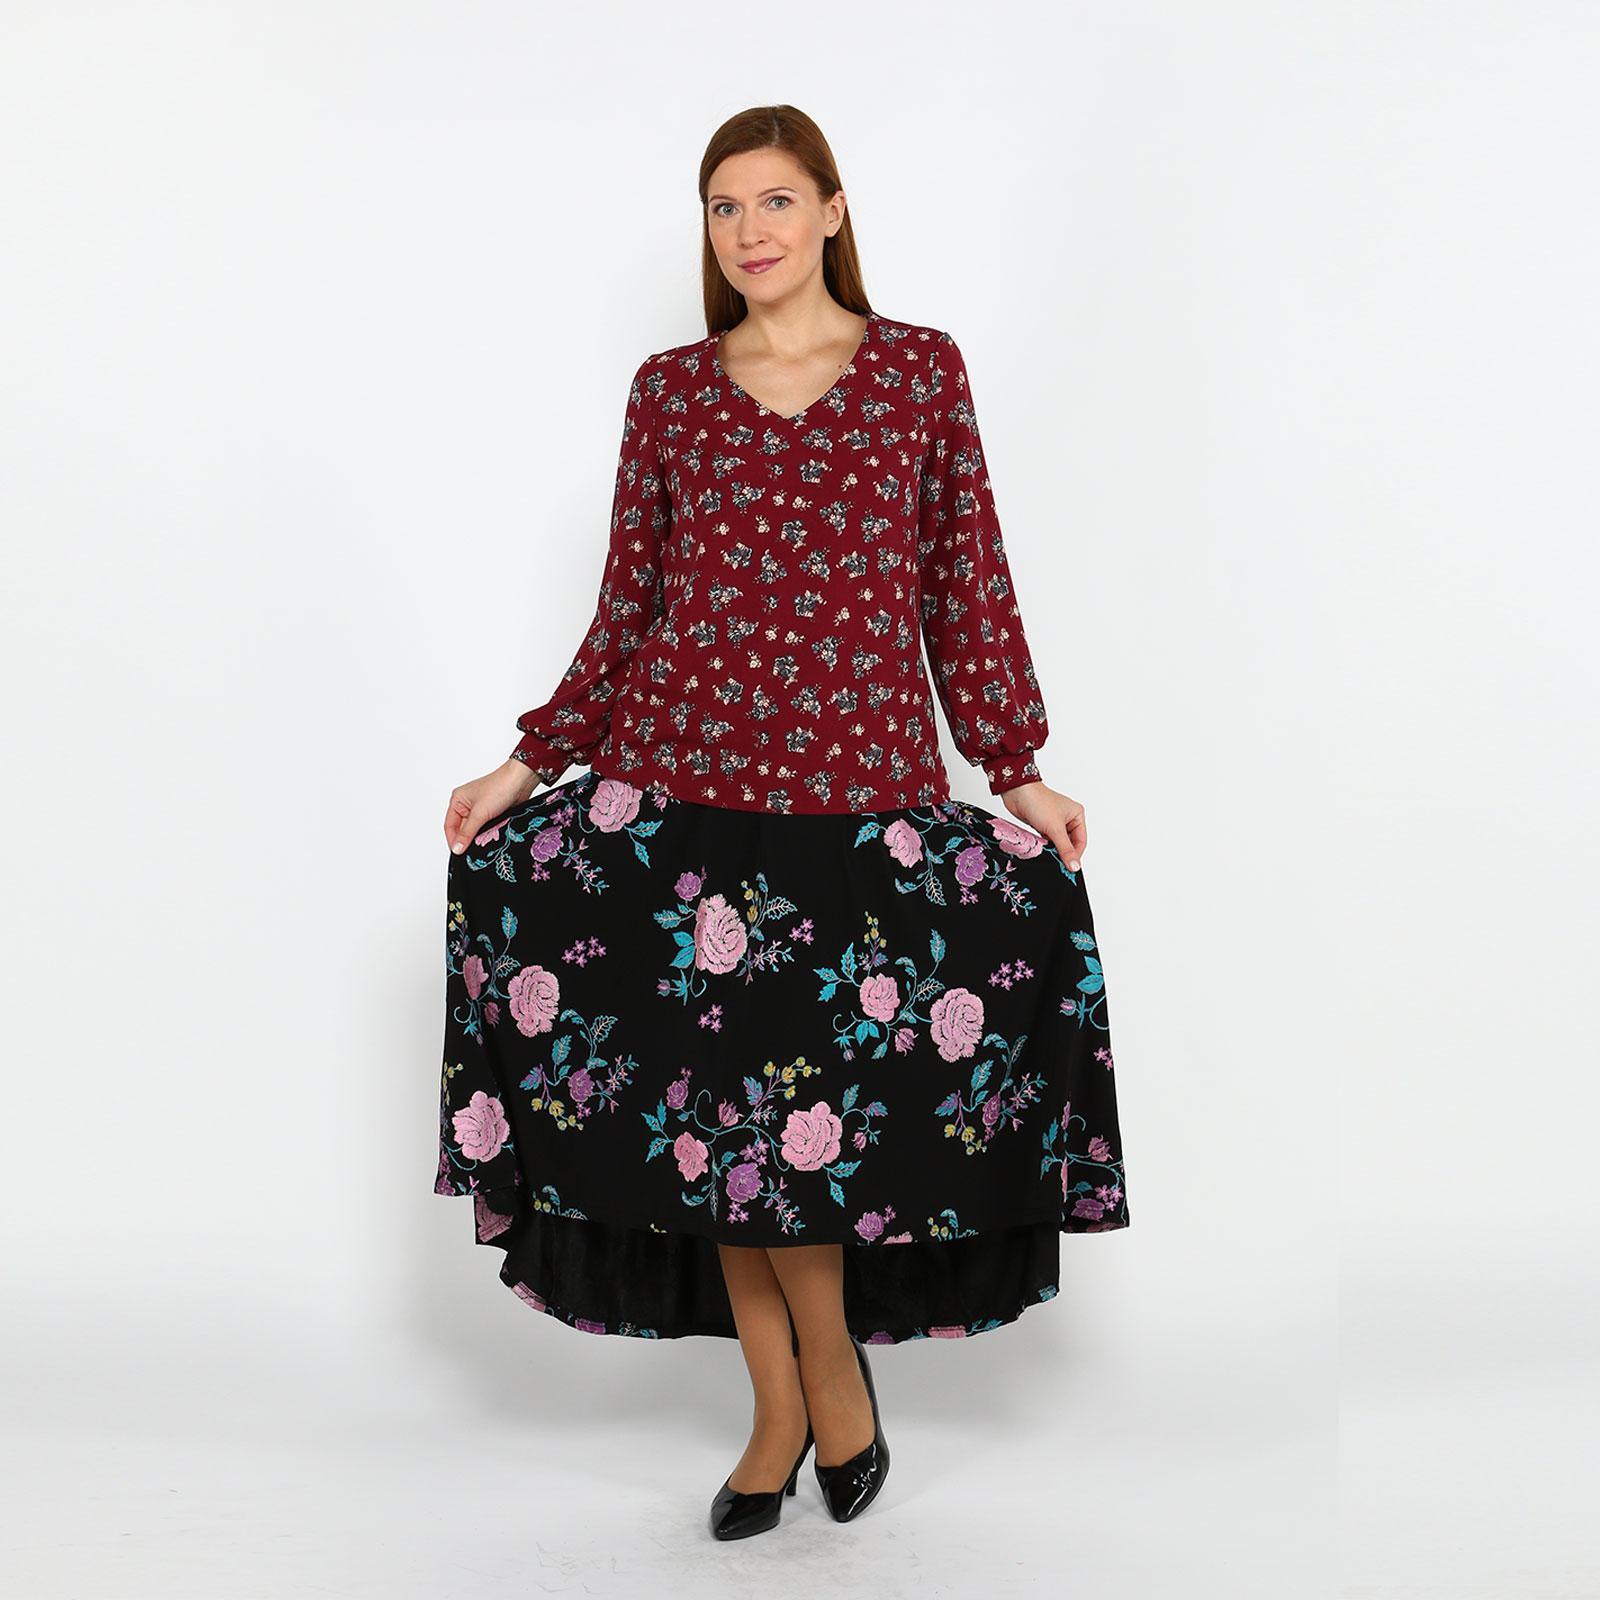 Блуза с принтом и манжетами на рукавах